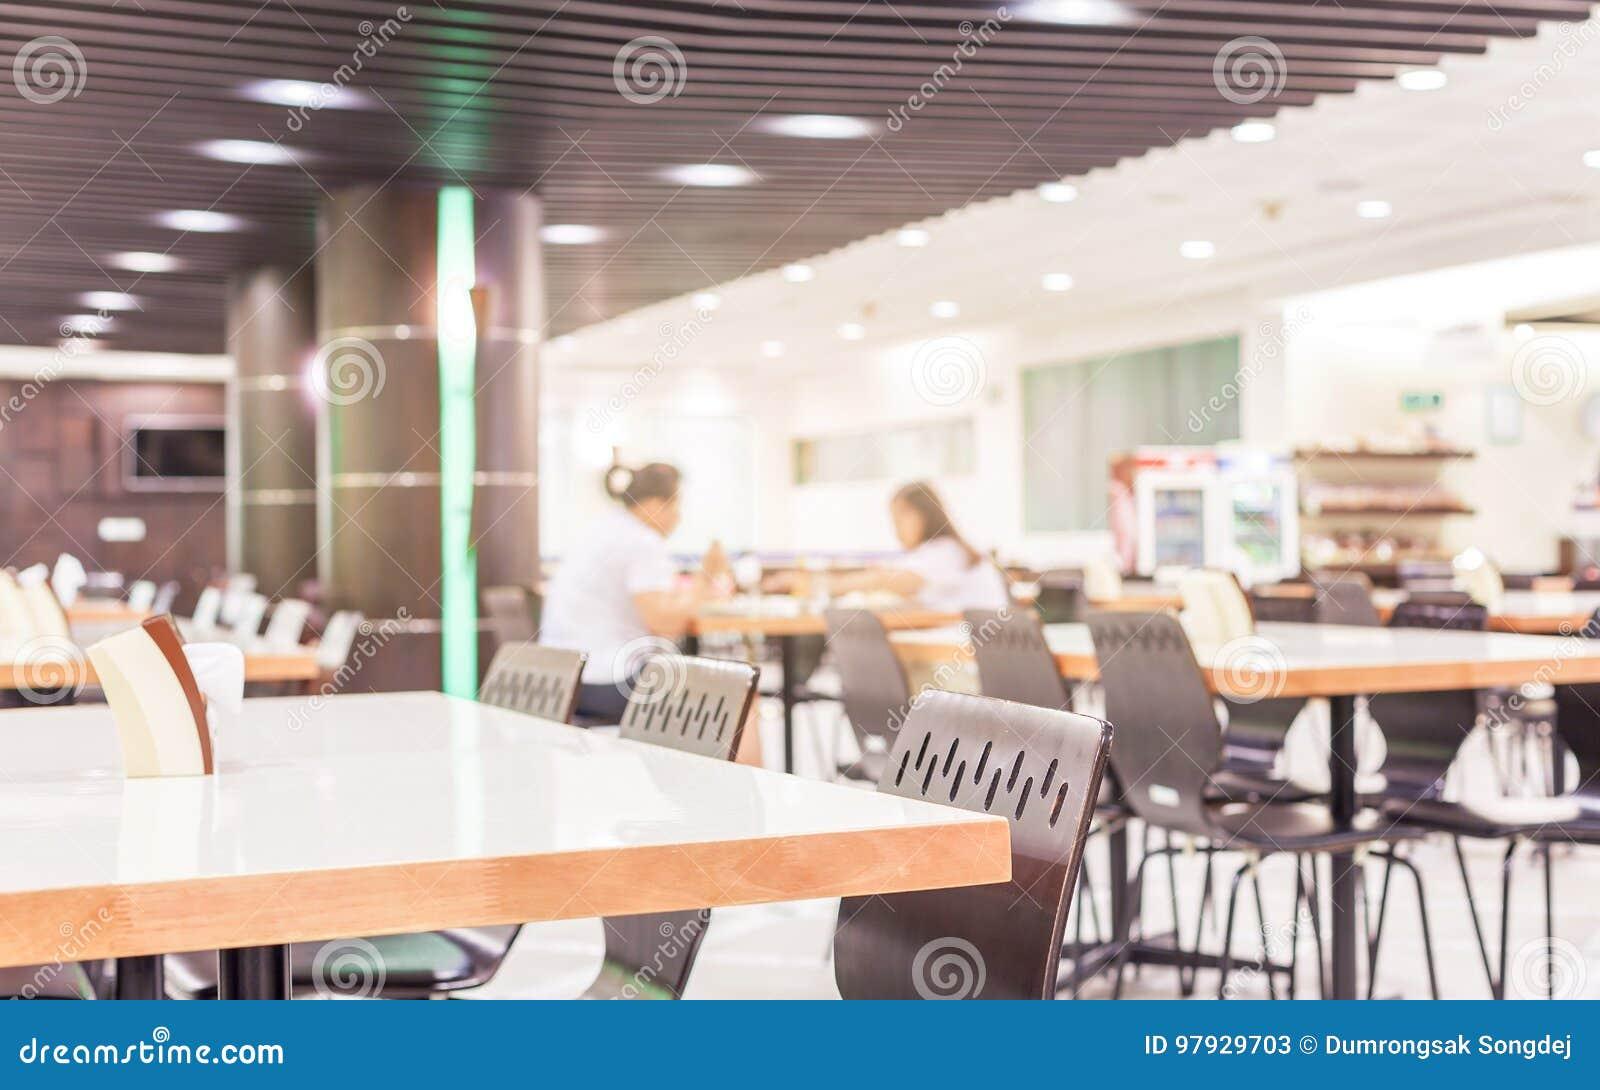 自助食堂或军用餐具现代内部与椅子和桌